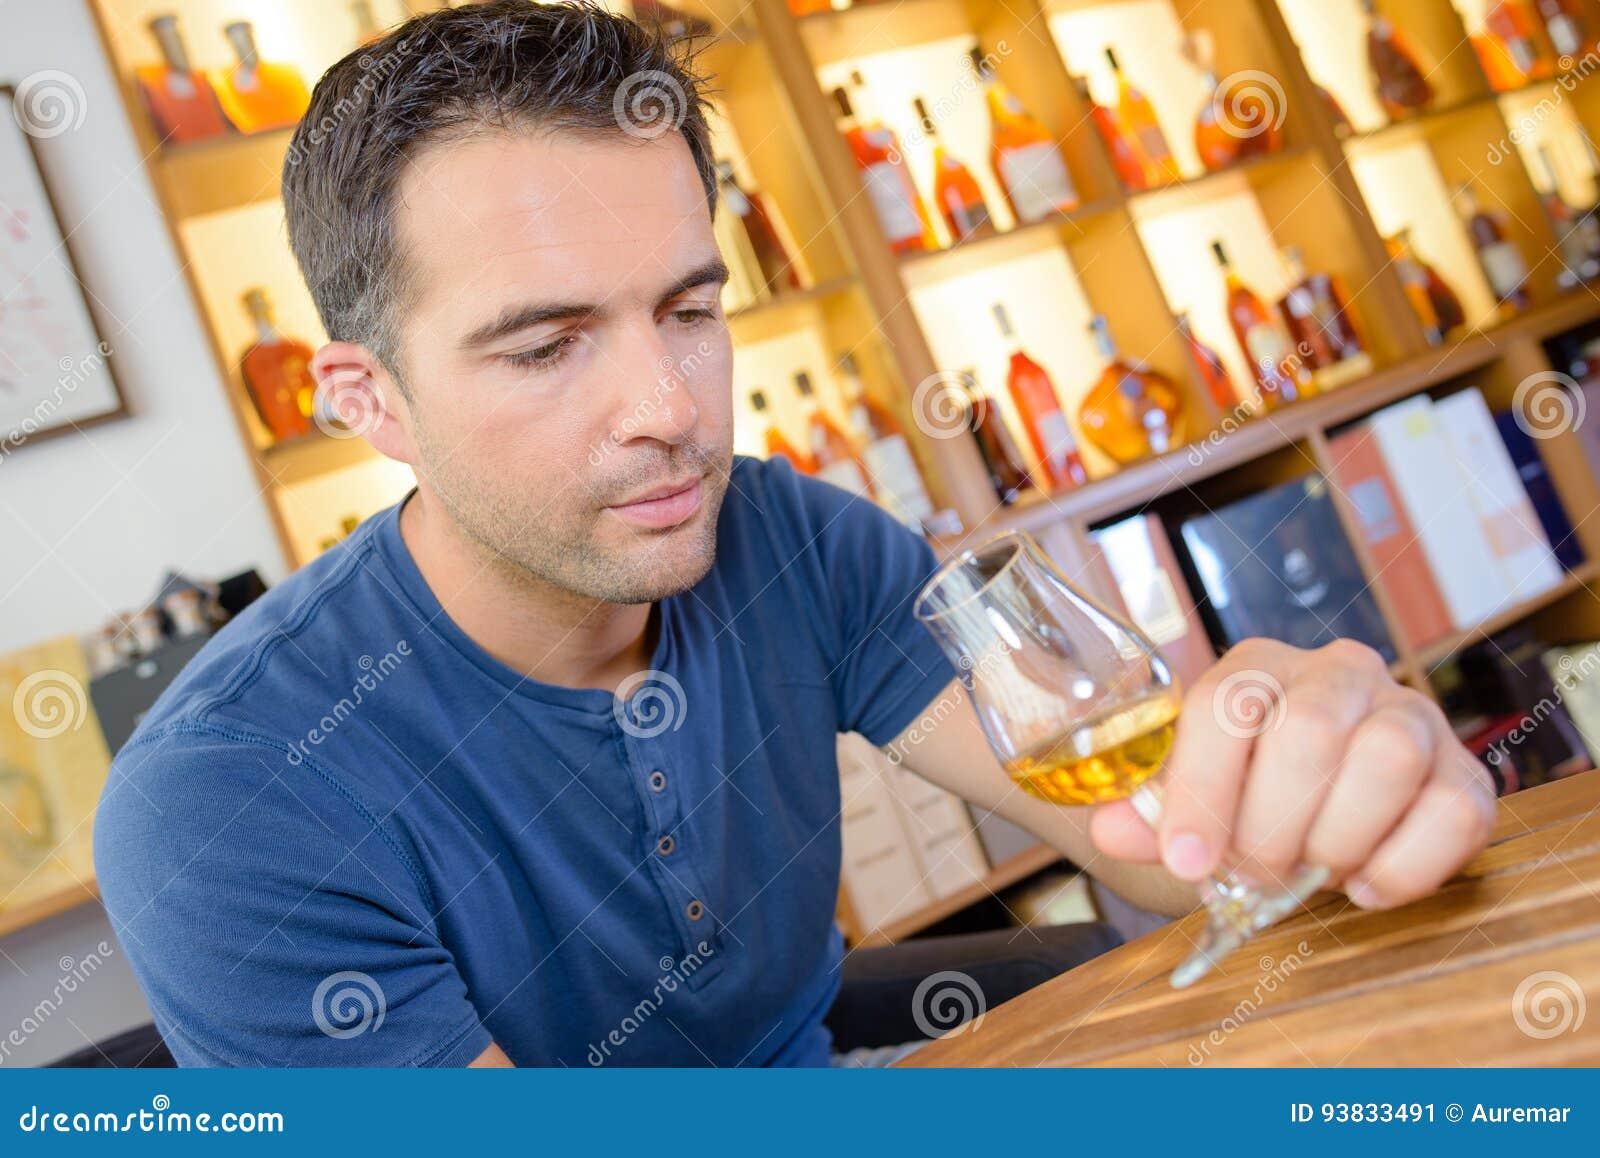 Ειδικός ερασιτέχνης που δοκιμάζει το μεγάλο εκλεκτής ποιότητας γλυκό κρασί